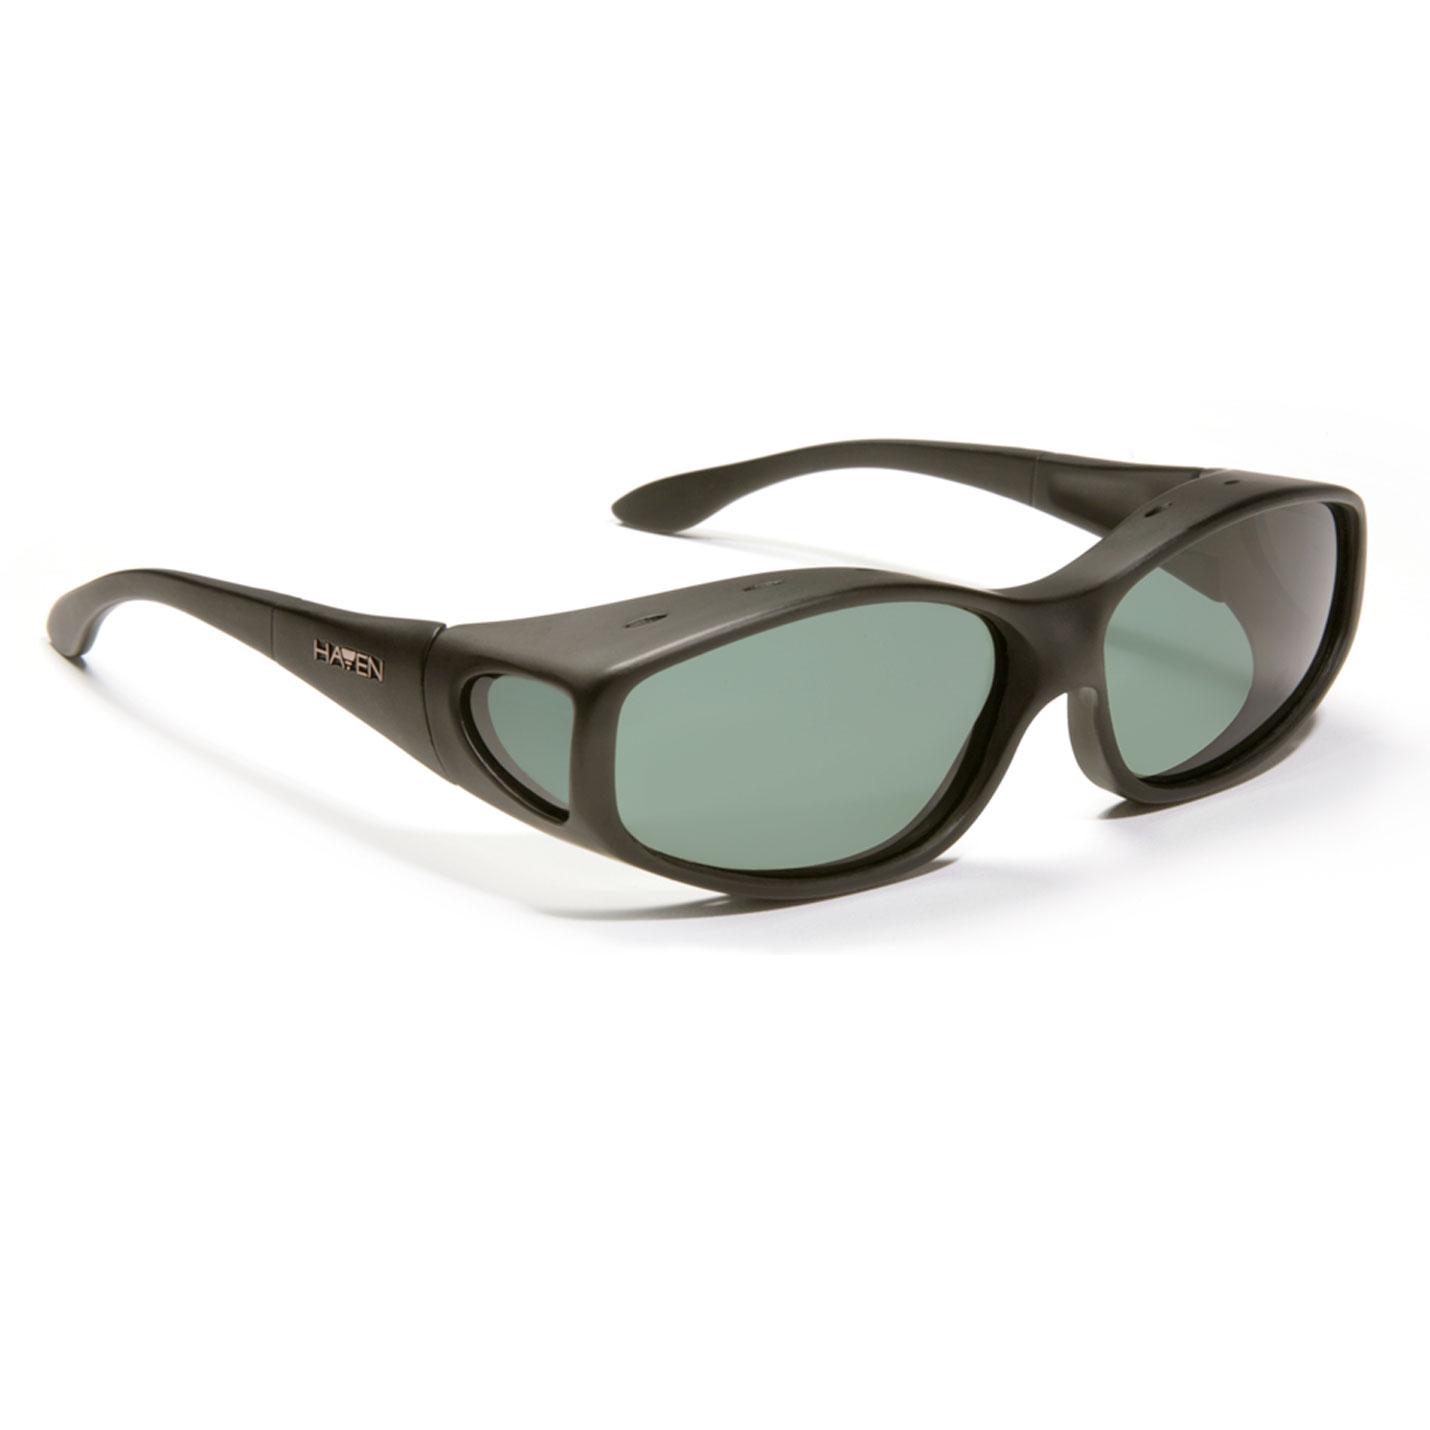 Les lunettes de soleil montures enveloppantes – BISCAYNE